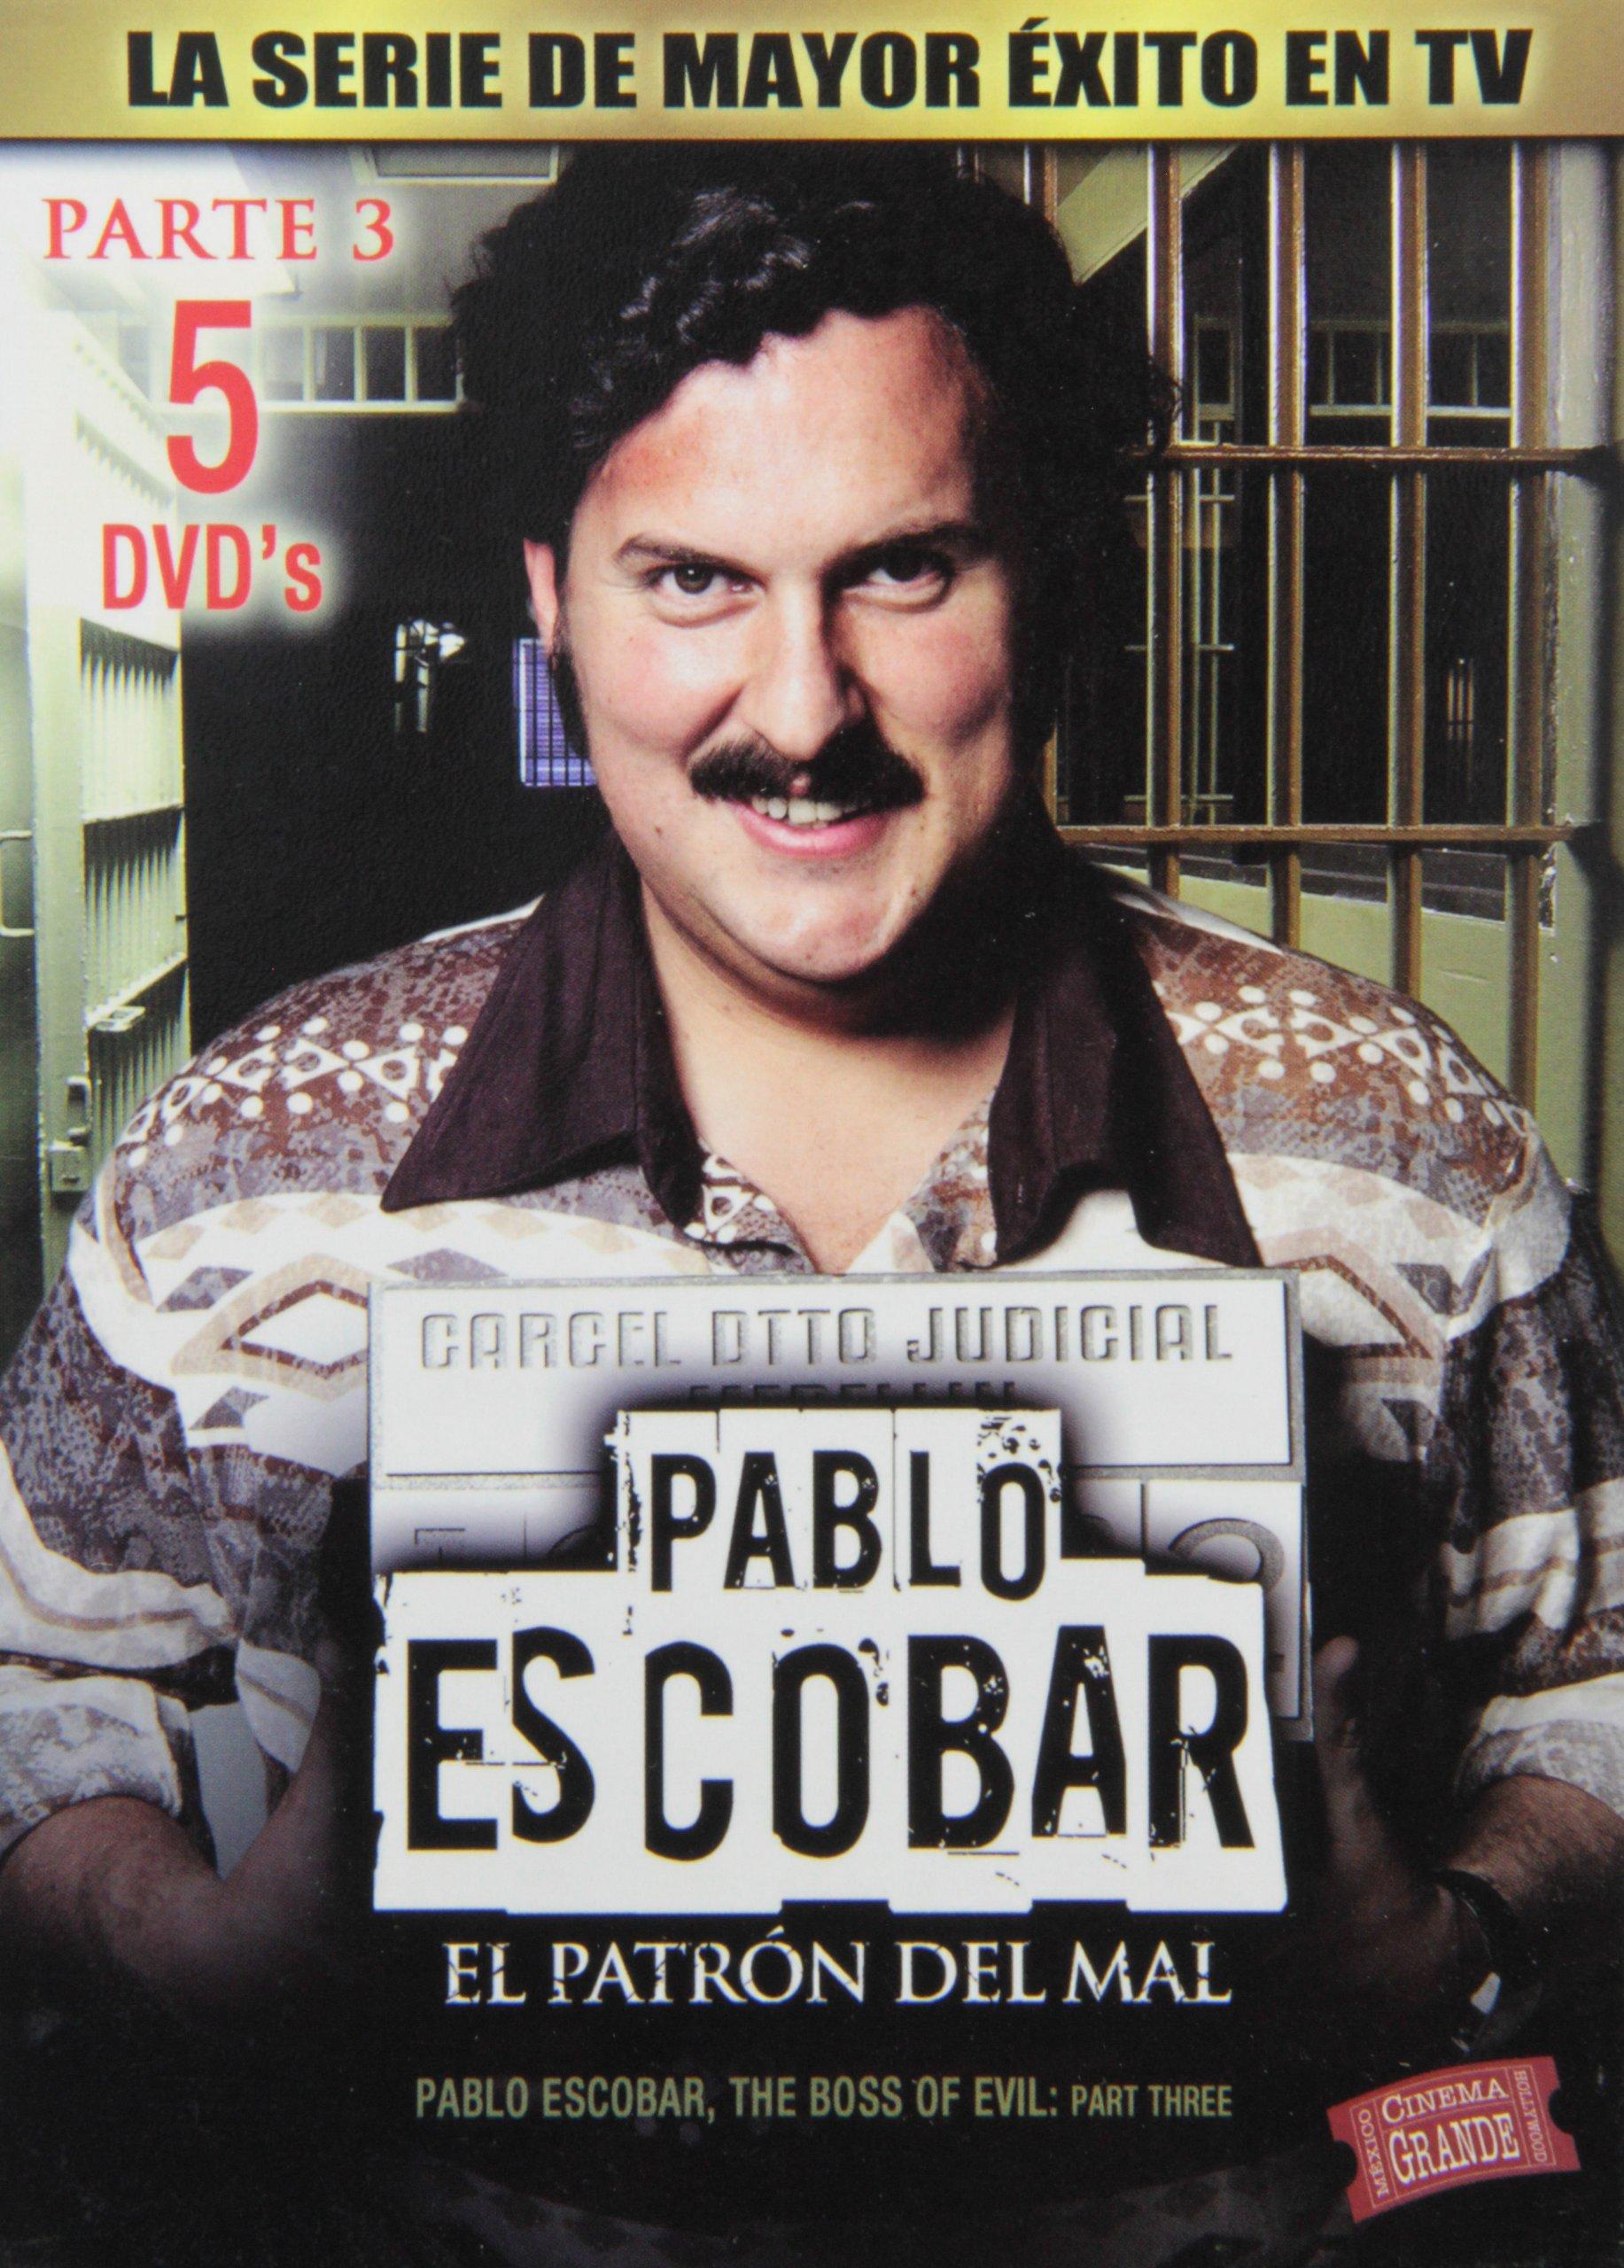 Pablo Escobar: El Patron Del Mal Parte 3 by Distrimax